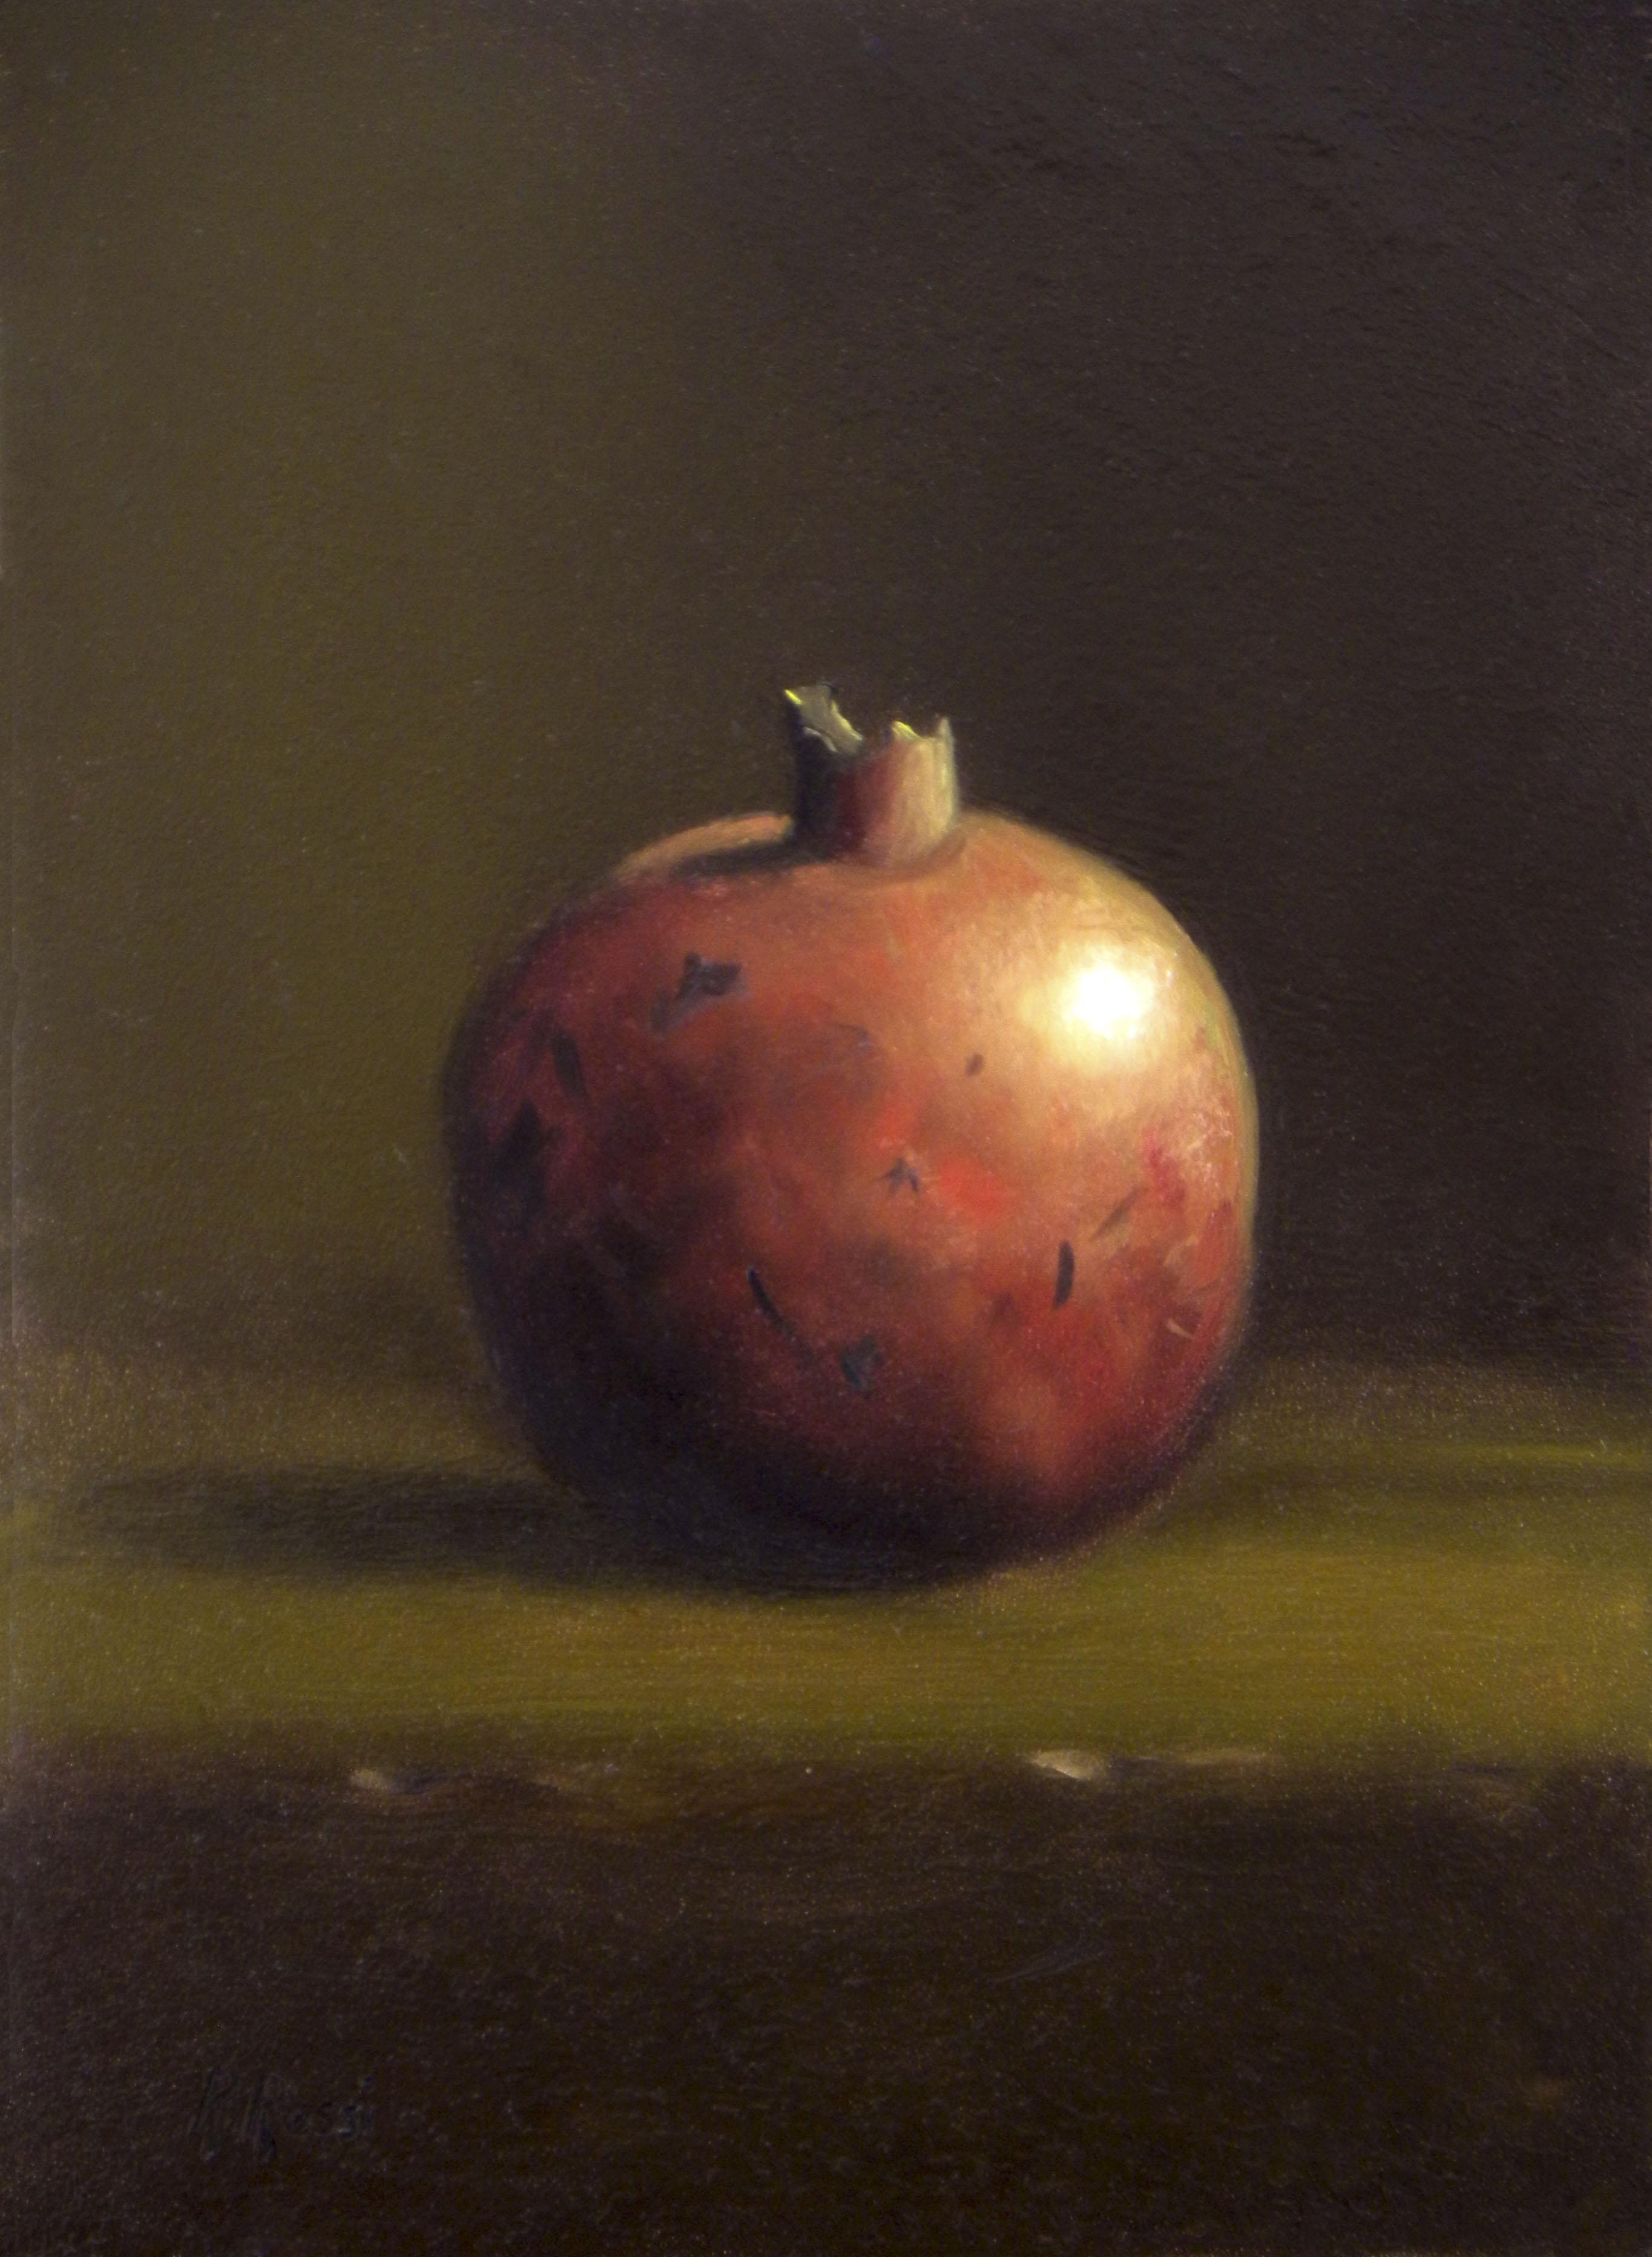 2015 roberta rossi – il frutto dell'abbondanza – olio su tavola – 18 x 13